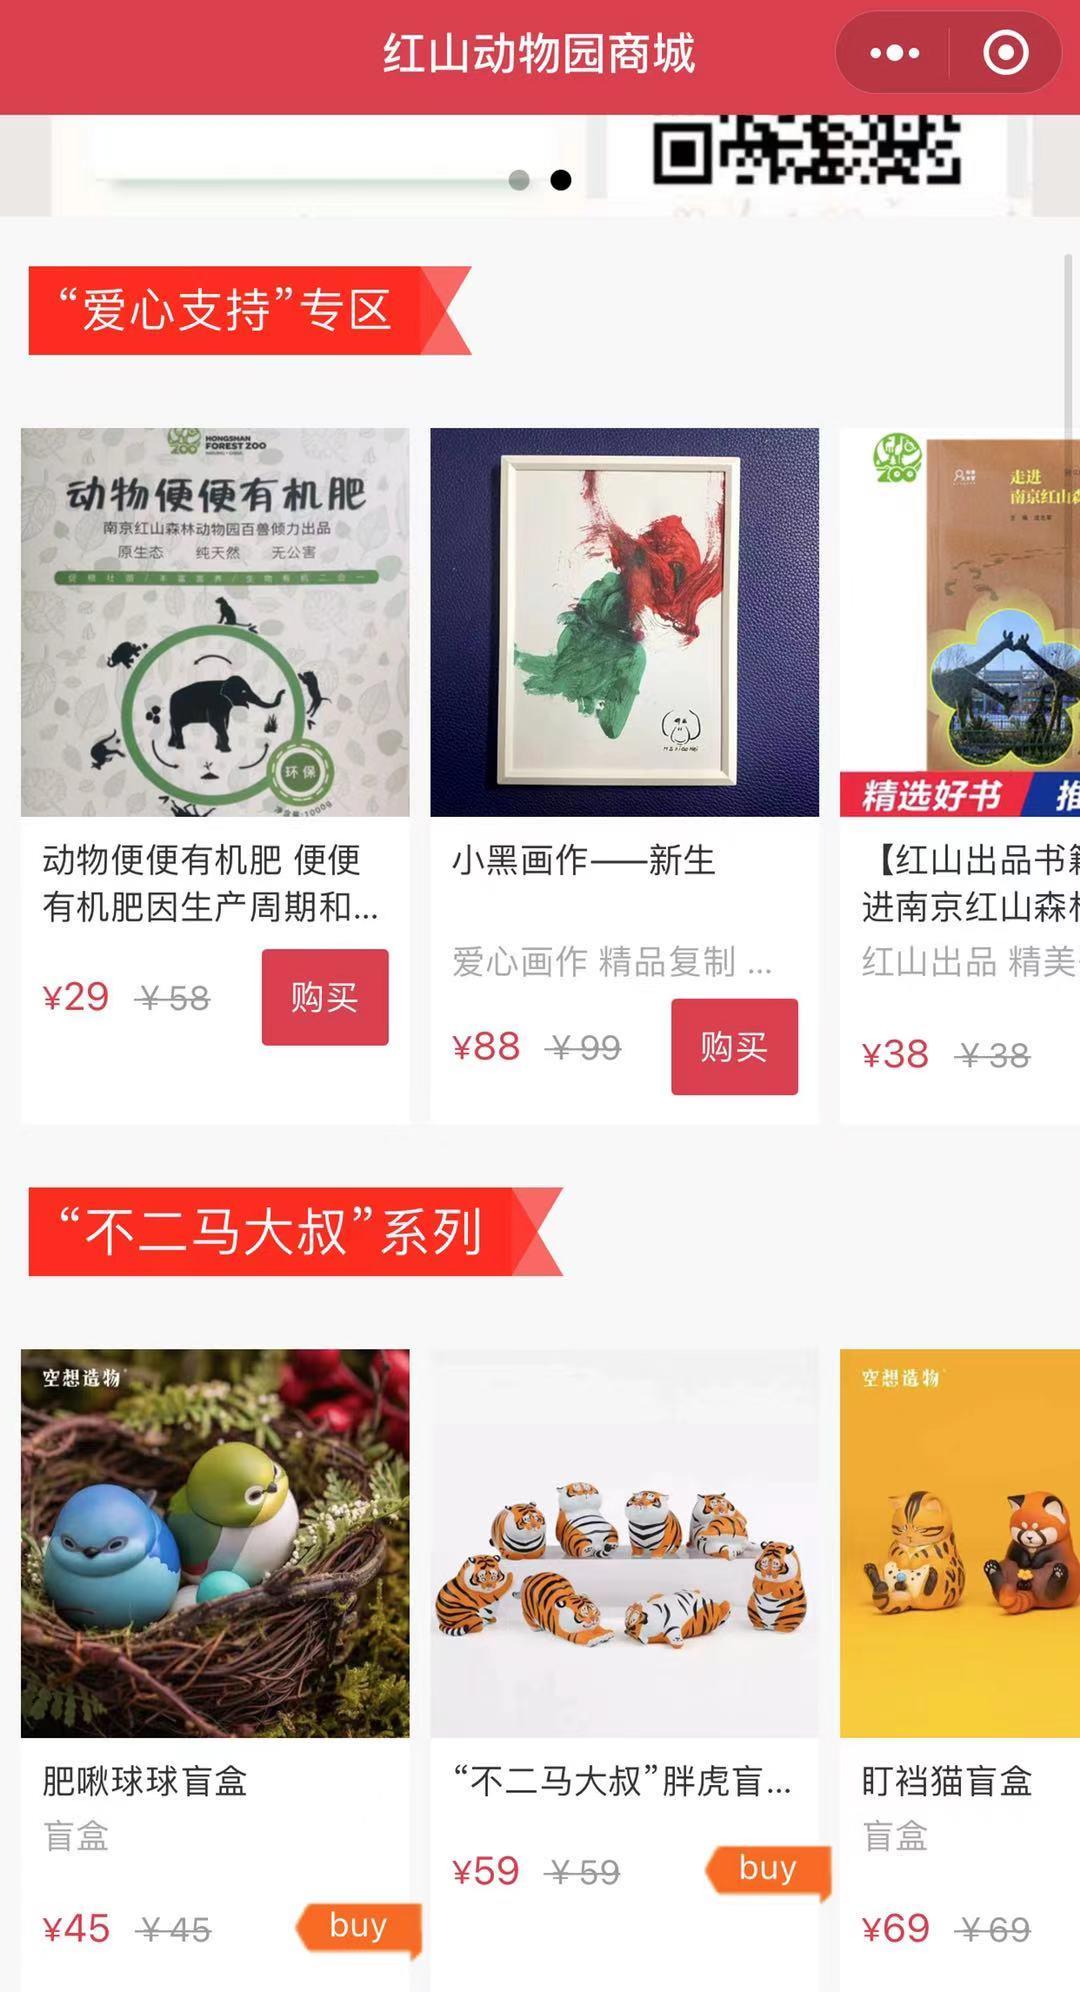 """沈志军和同事们推出了许多别出心裁的动物周边产品,可以搜索""""南京红山森林动物园商称""""微信小程序,或在""""南京红山森林动物园""""微信公众号购买。南京红山森林动物园 图"""